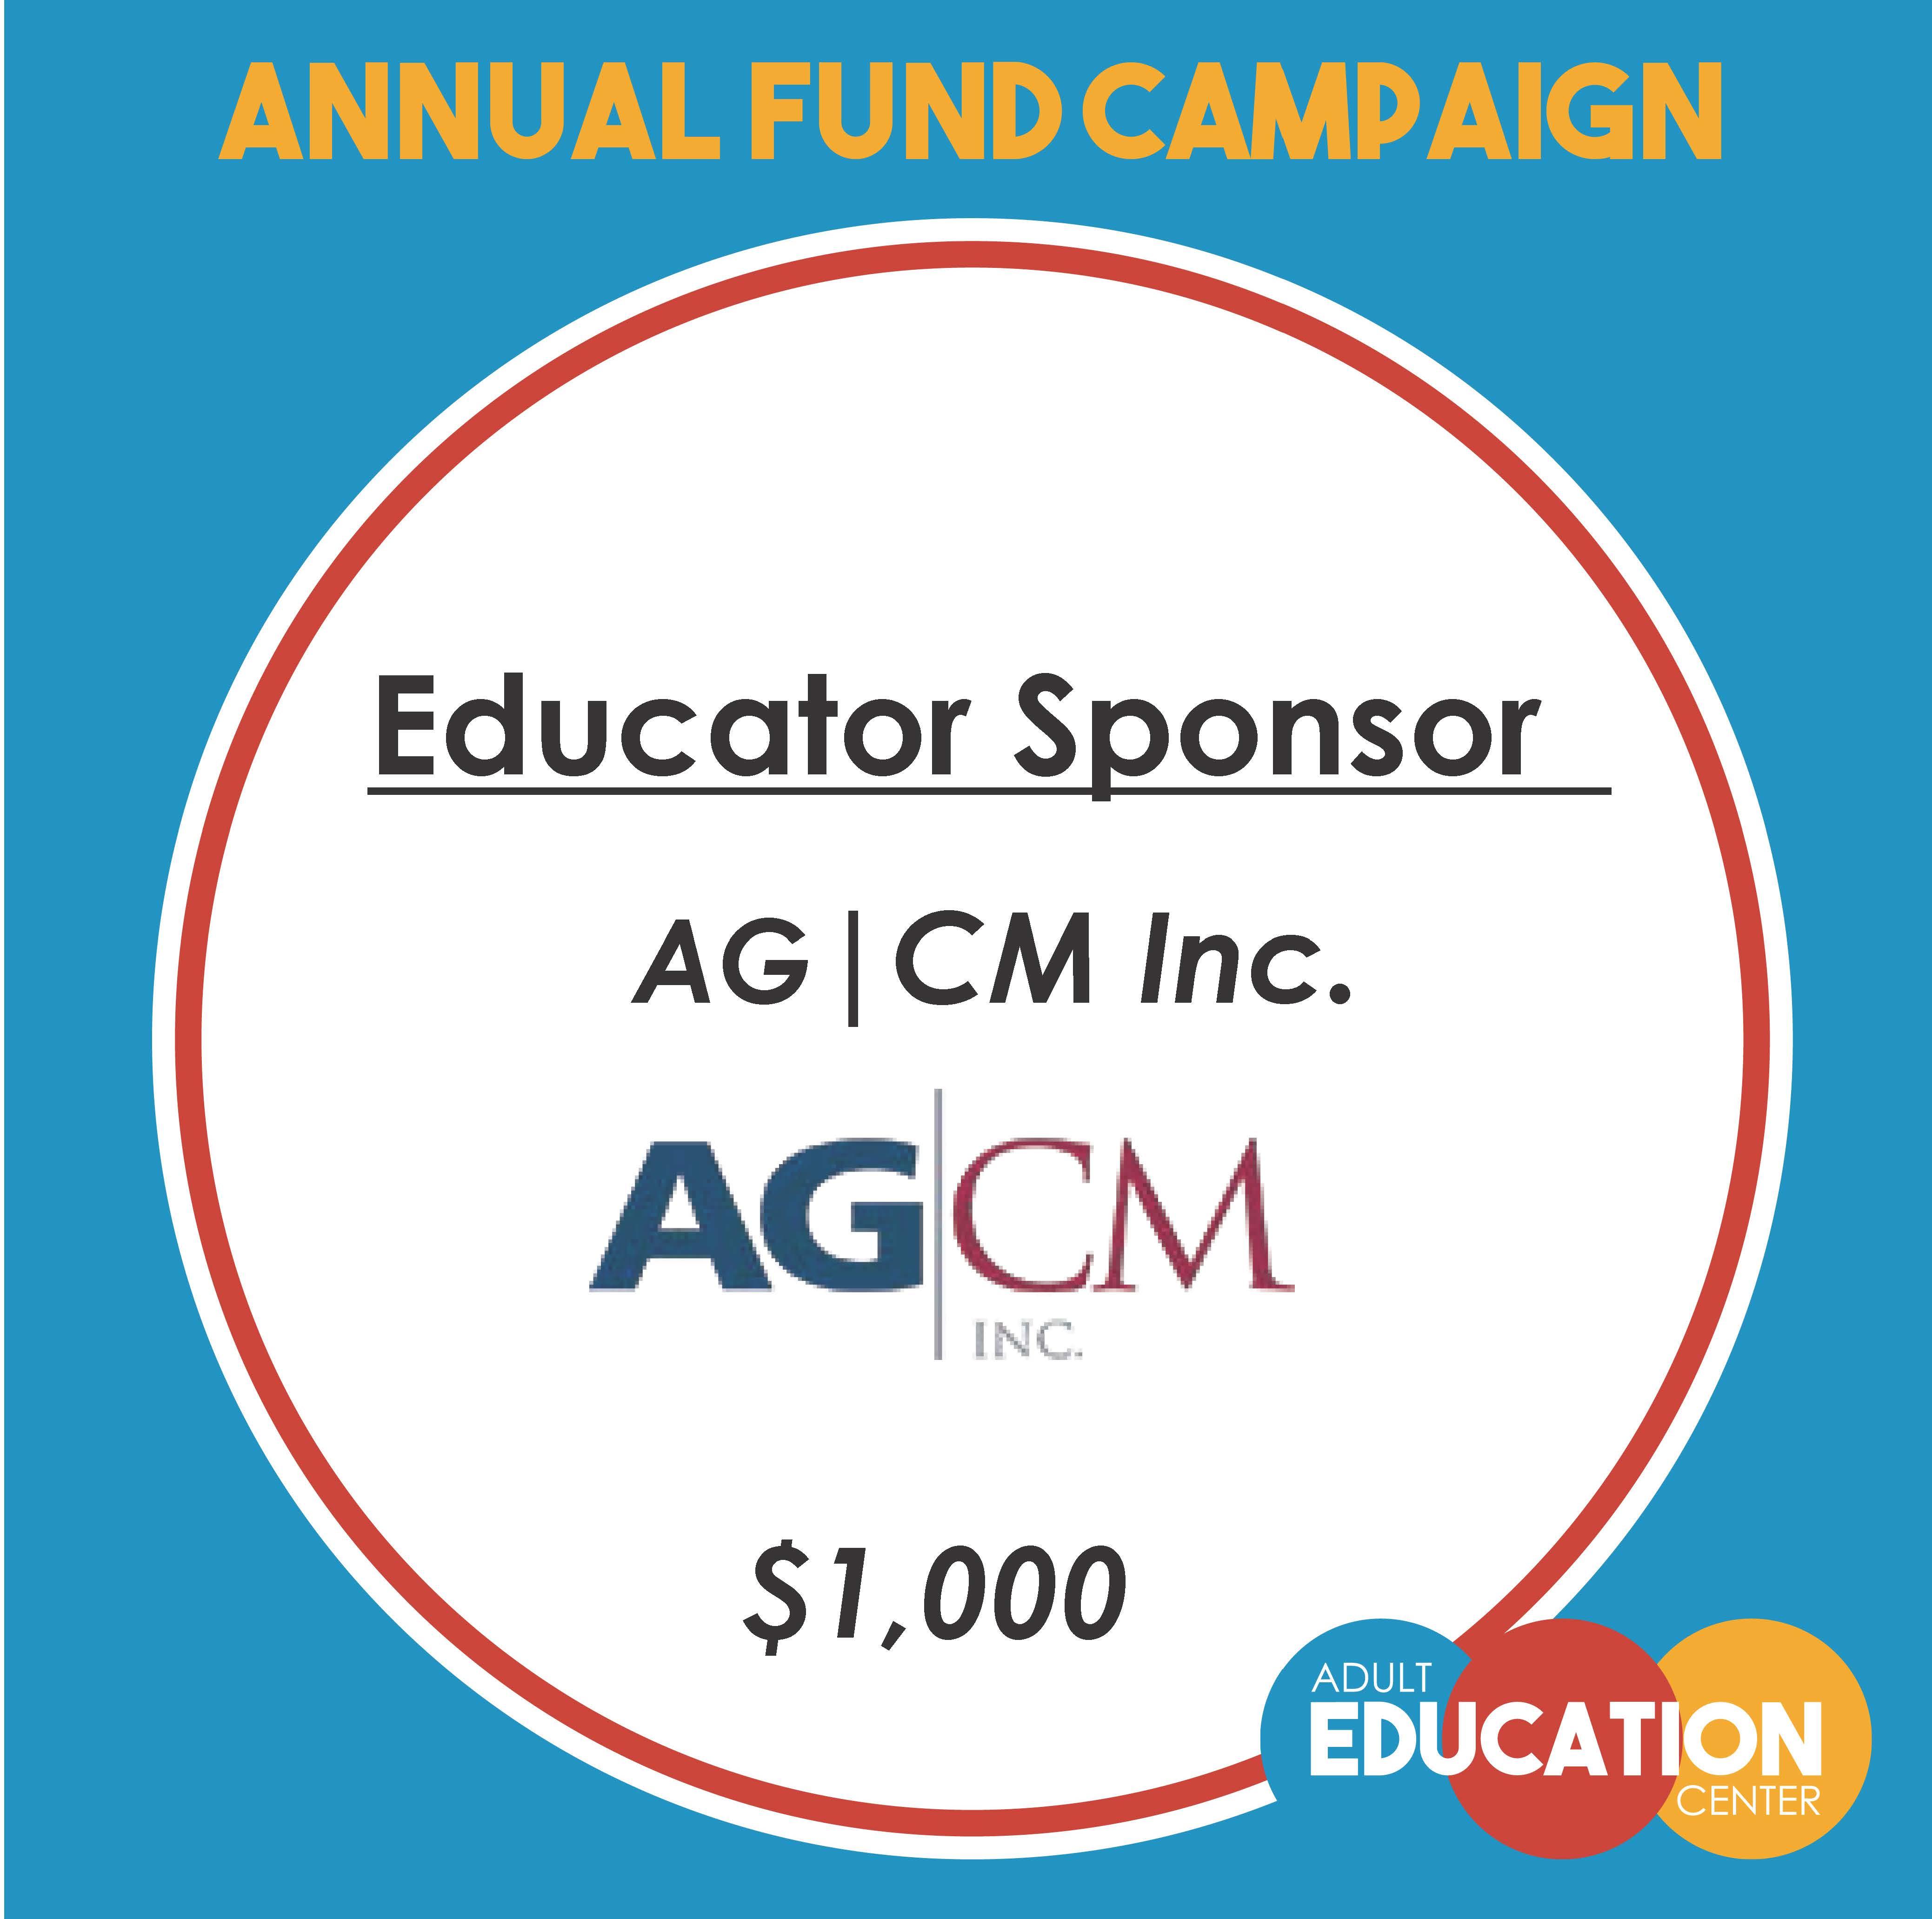 AG | CM Inc. - Educator Sponsor - $1,000